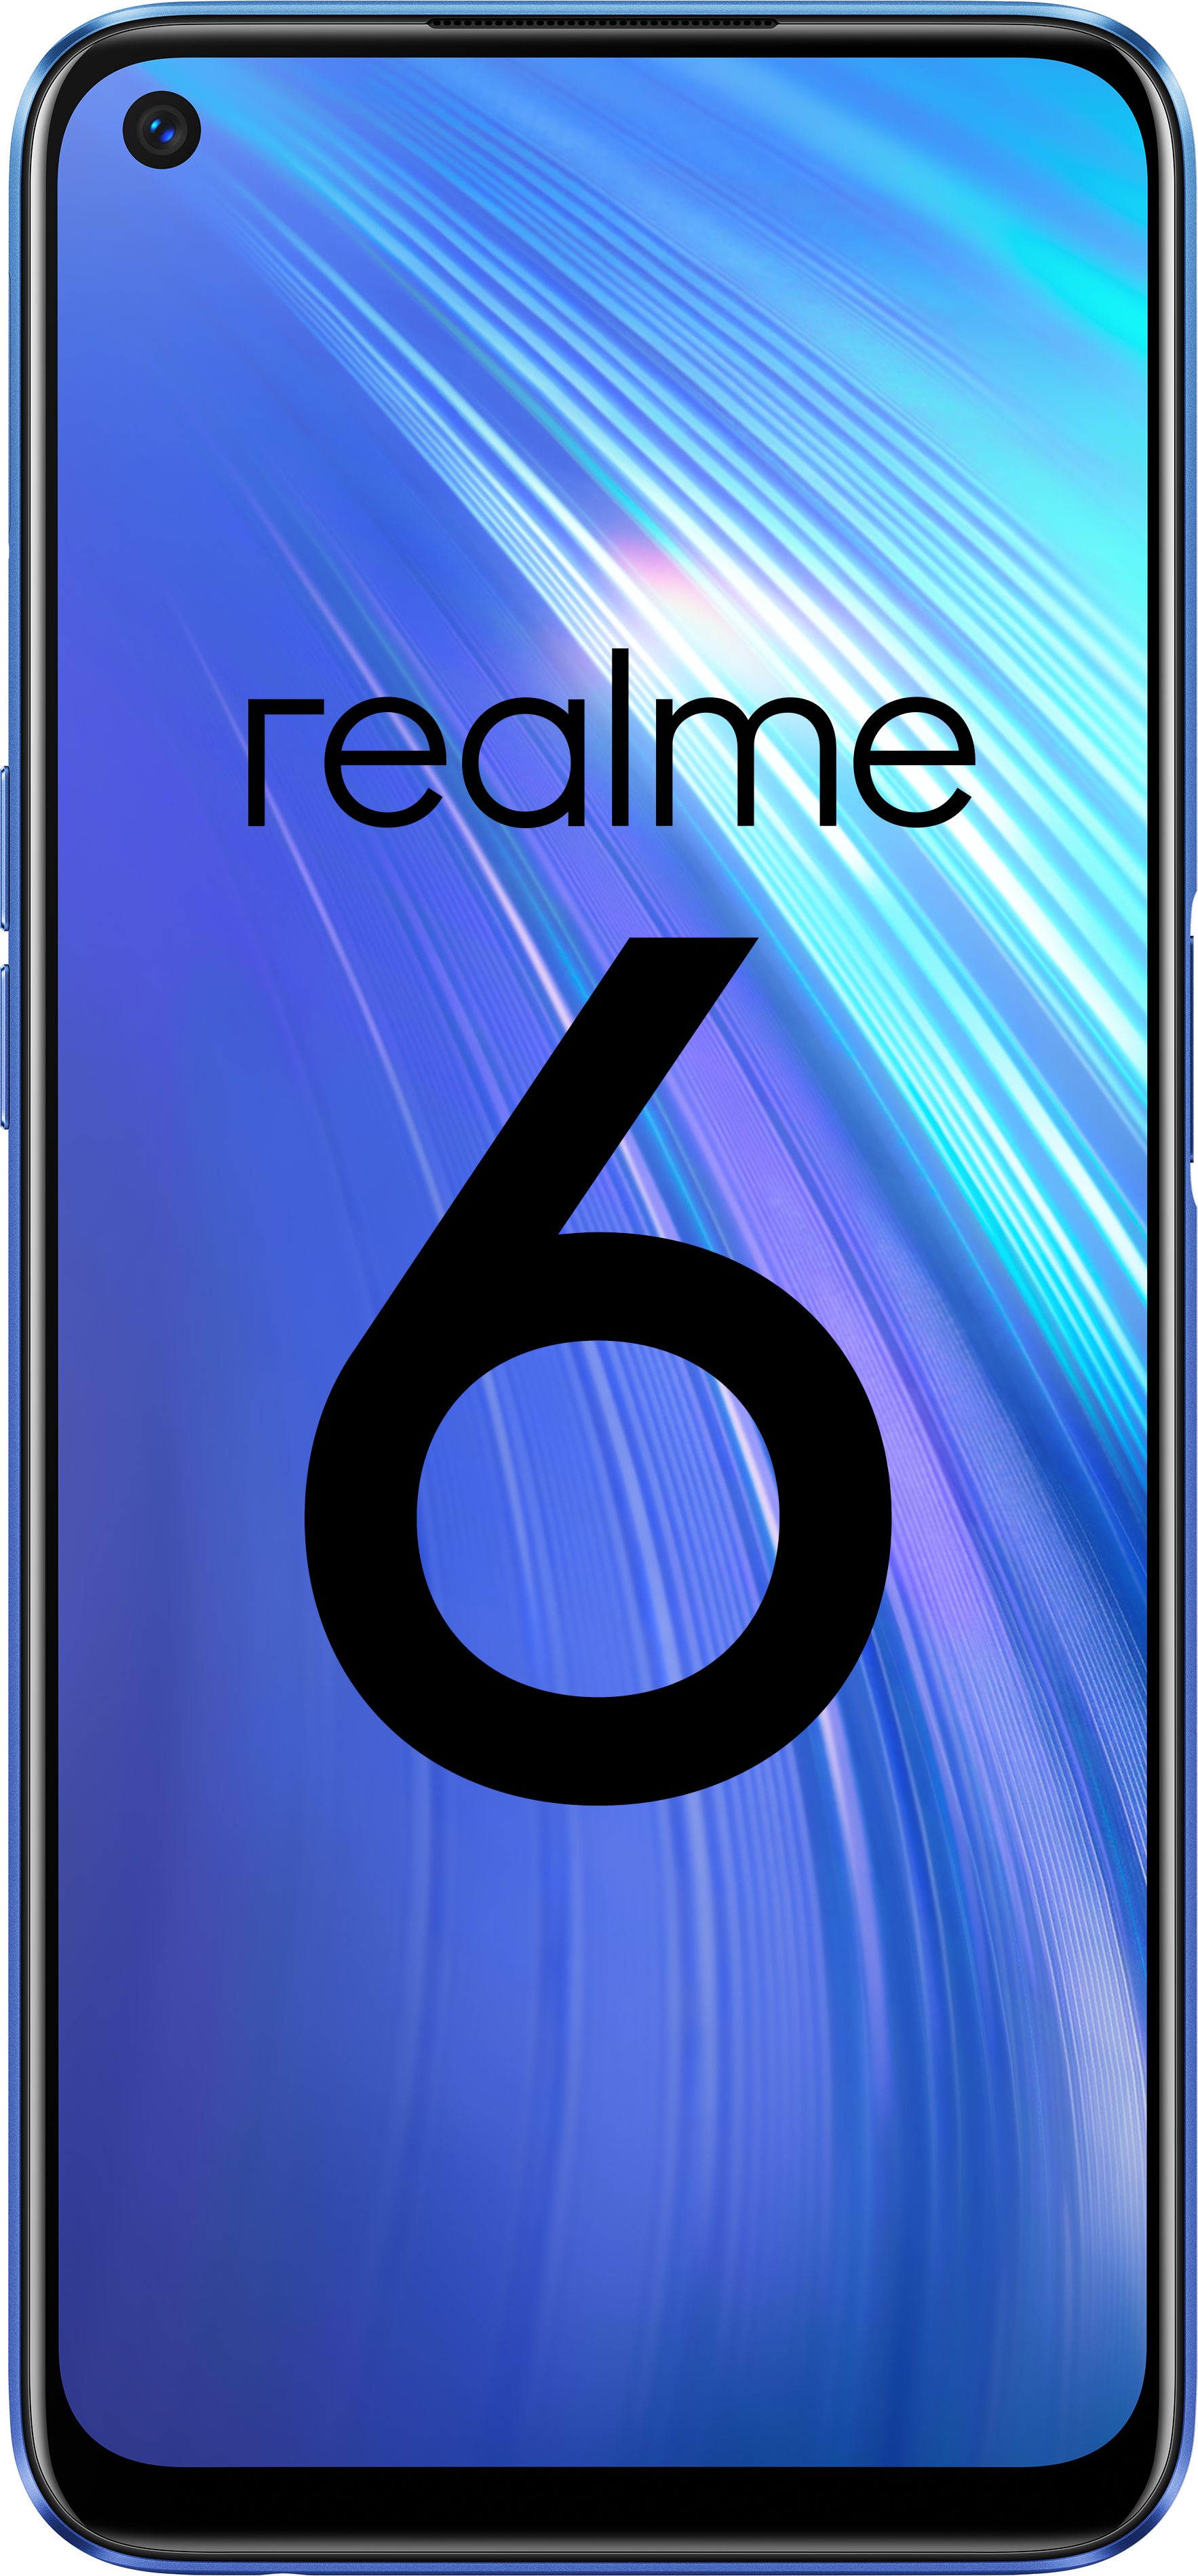 Smartphone 6 Realme Bleu